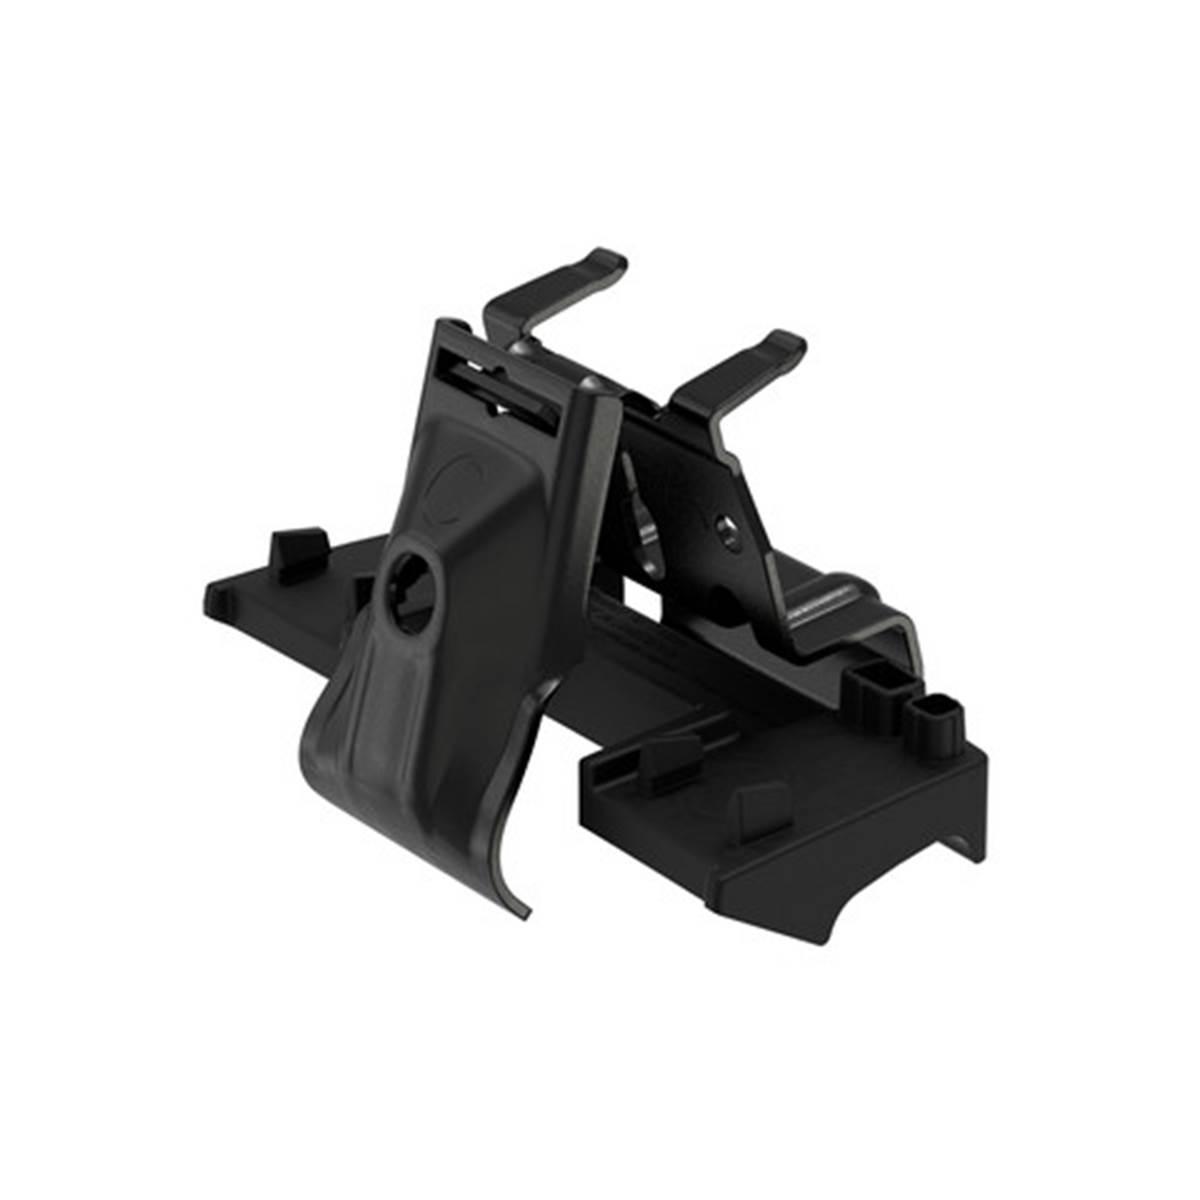 Kit de fixation 6102 pour FIAT PANDA et PANDA 4x4